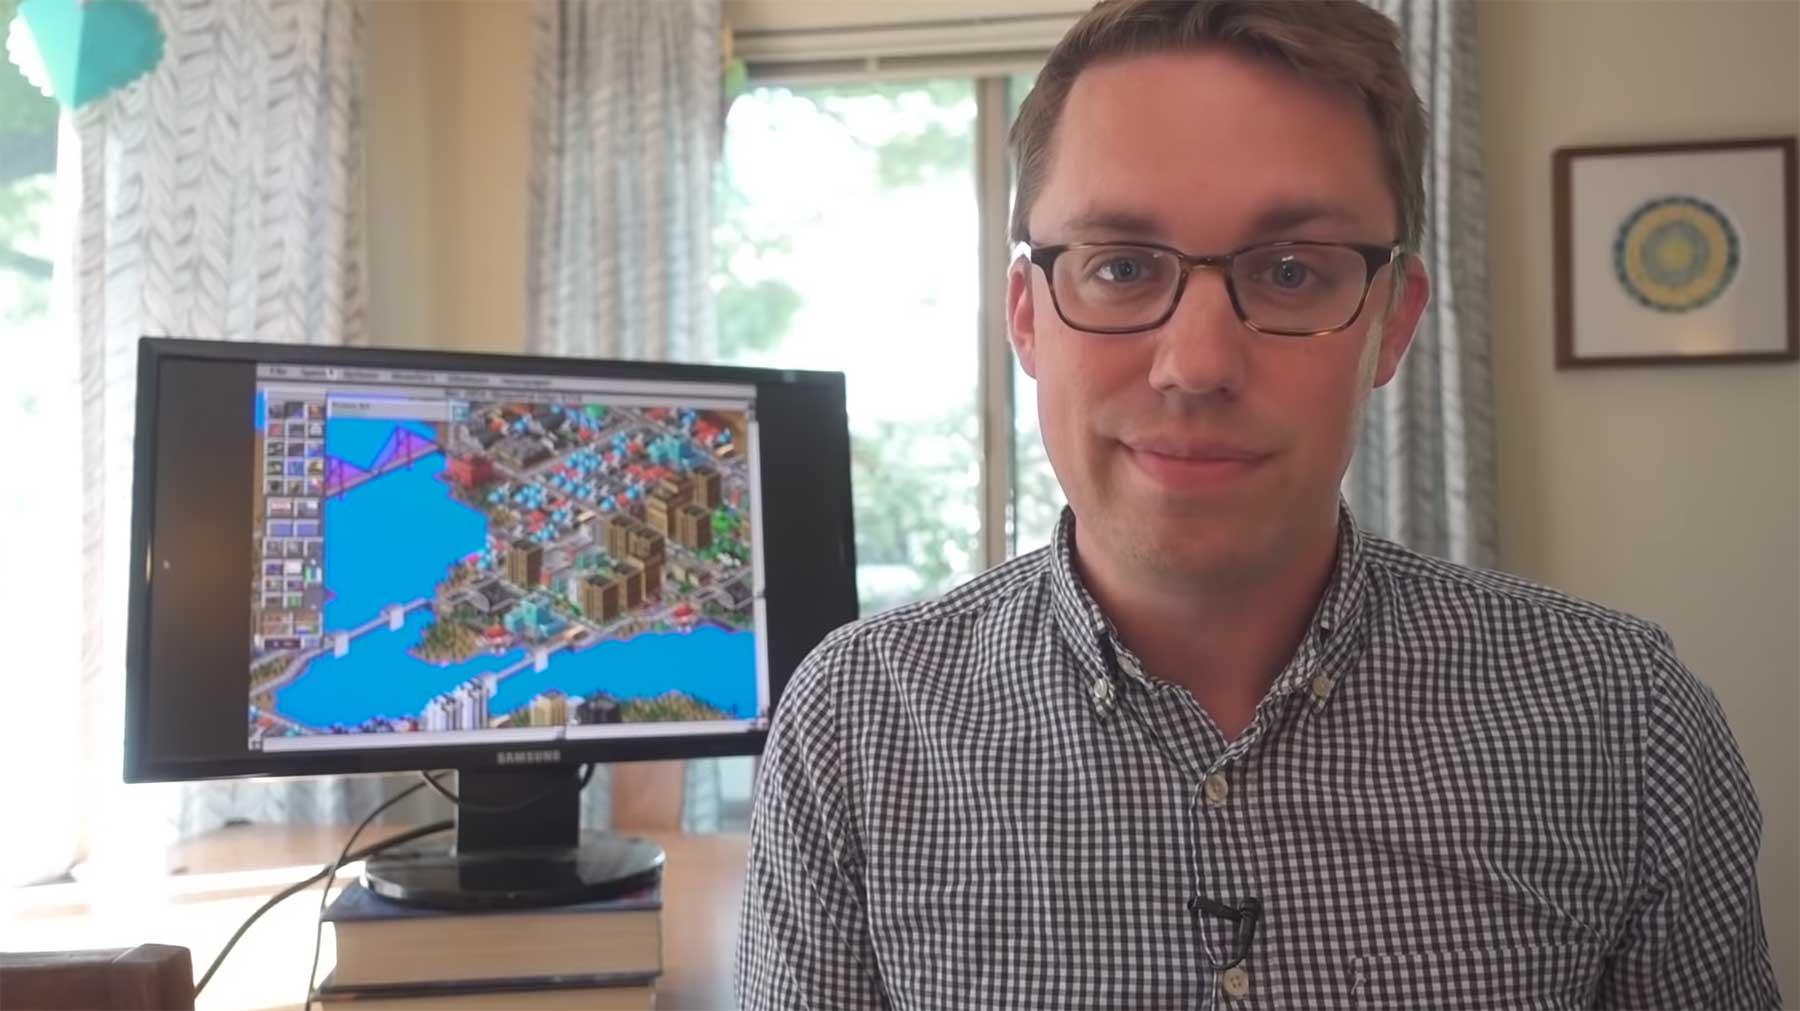 Ein professioneller Stadtplaner spielt Sim City 2000 stadtplaner-spielt-sim-city-2000